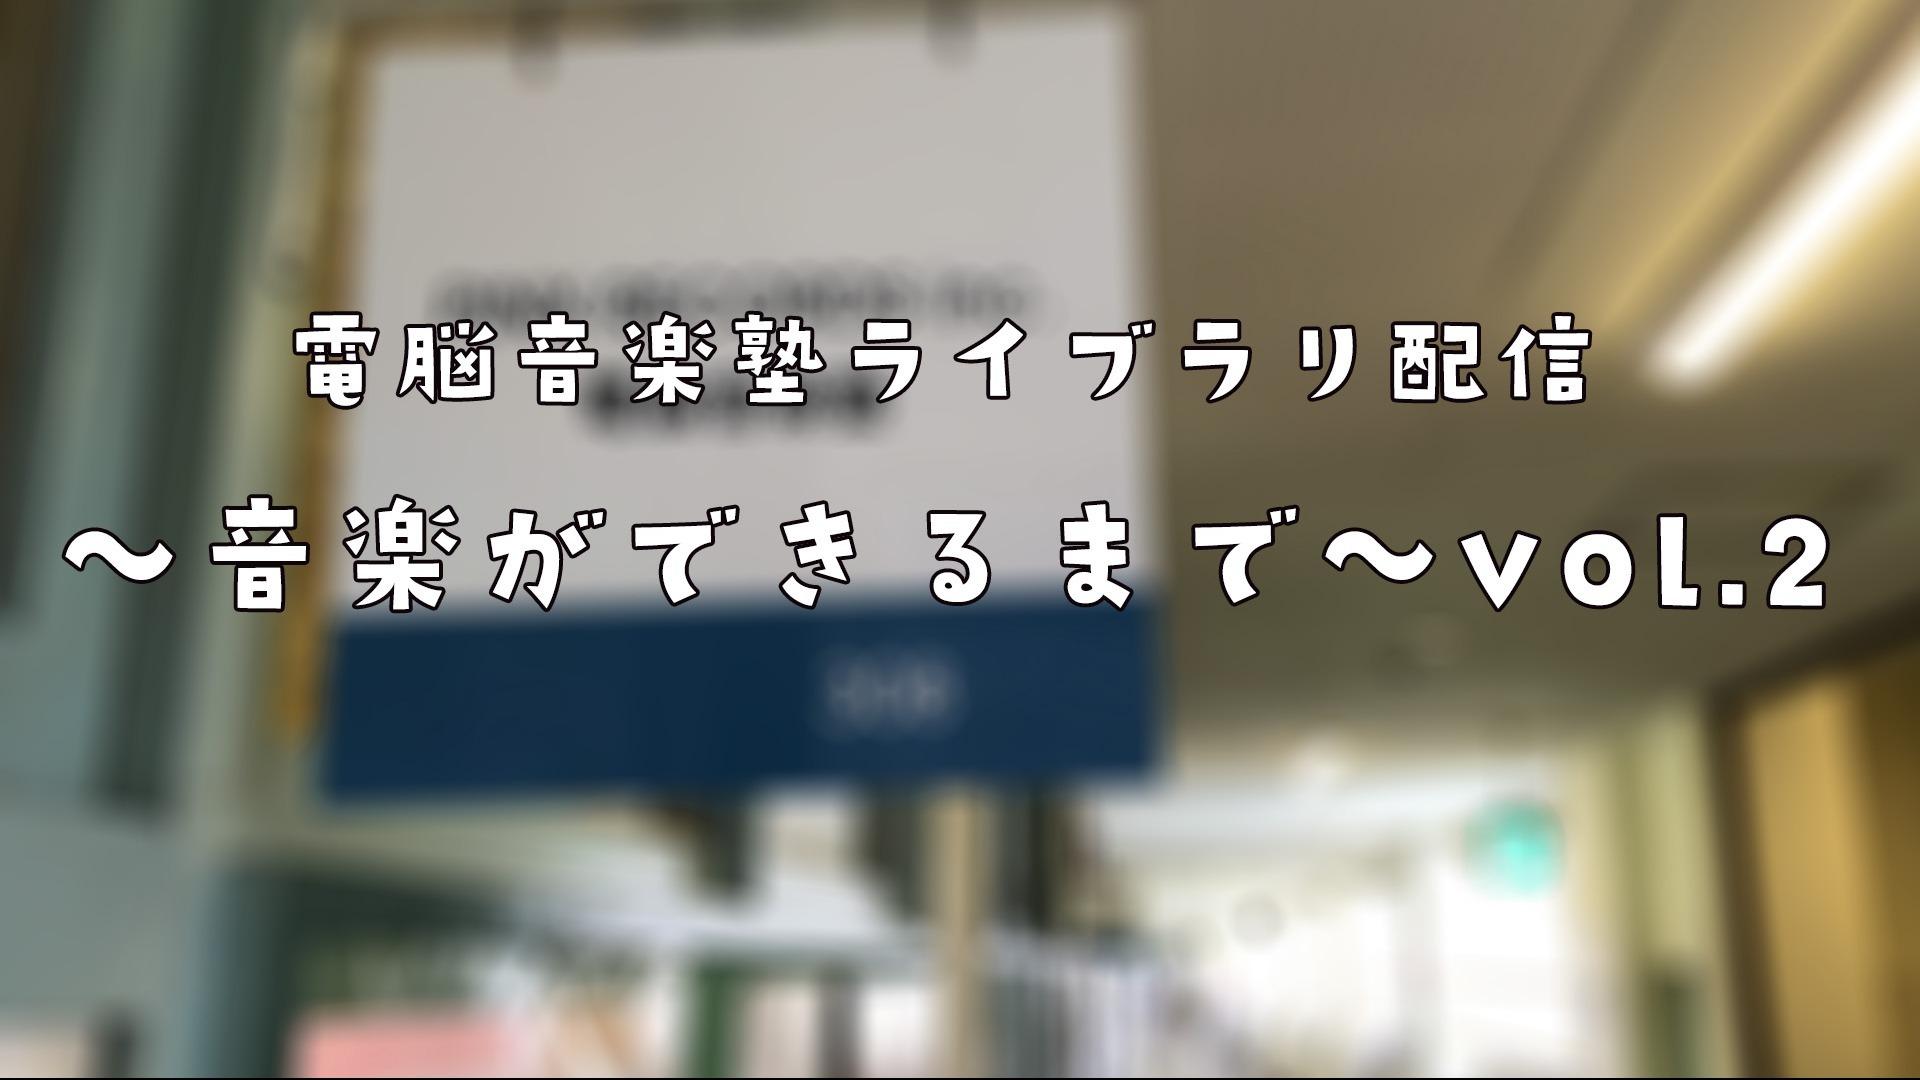 ~音楽ができるまで~ vol.2【無料公開中】